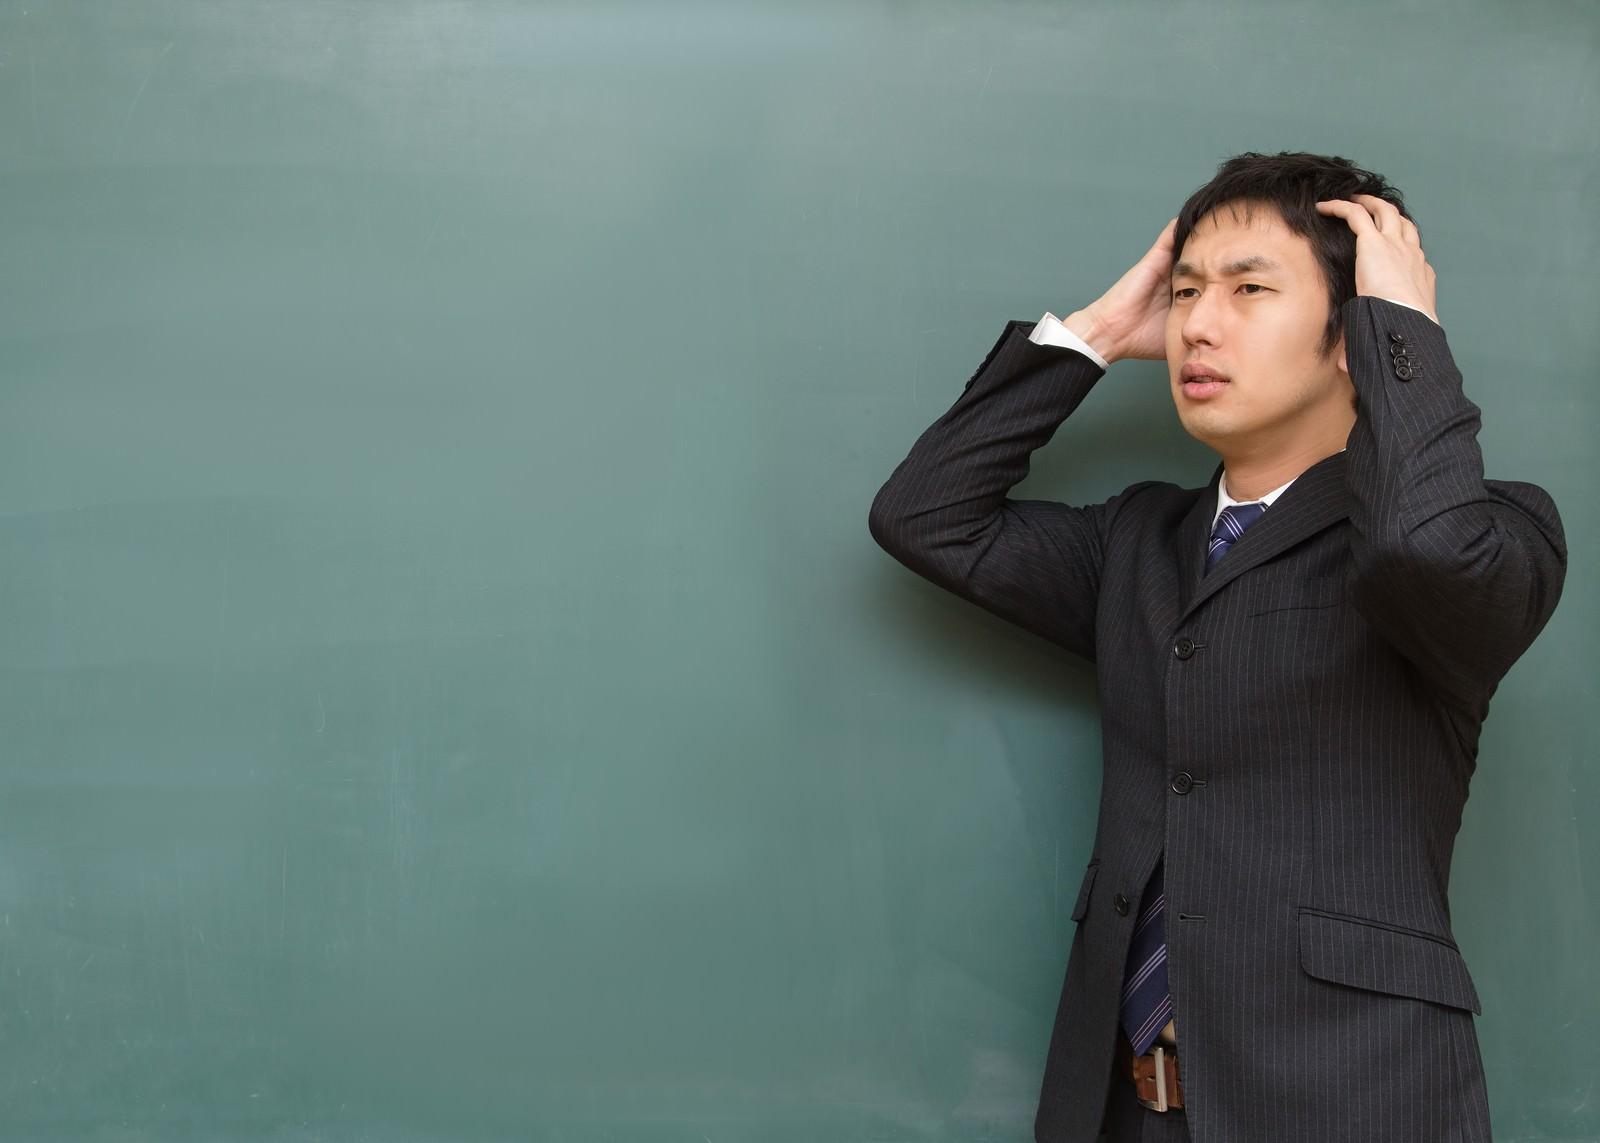 「頭を抱える塾の講師」の写真[モデル:大川竜弥]